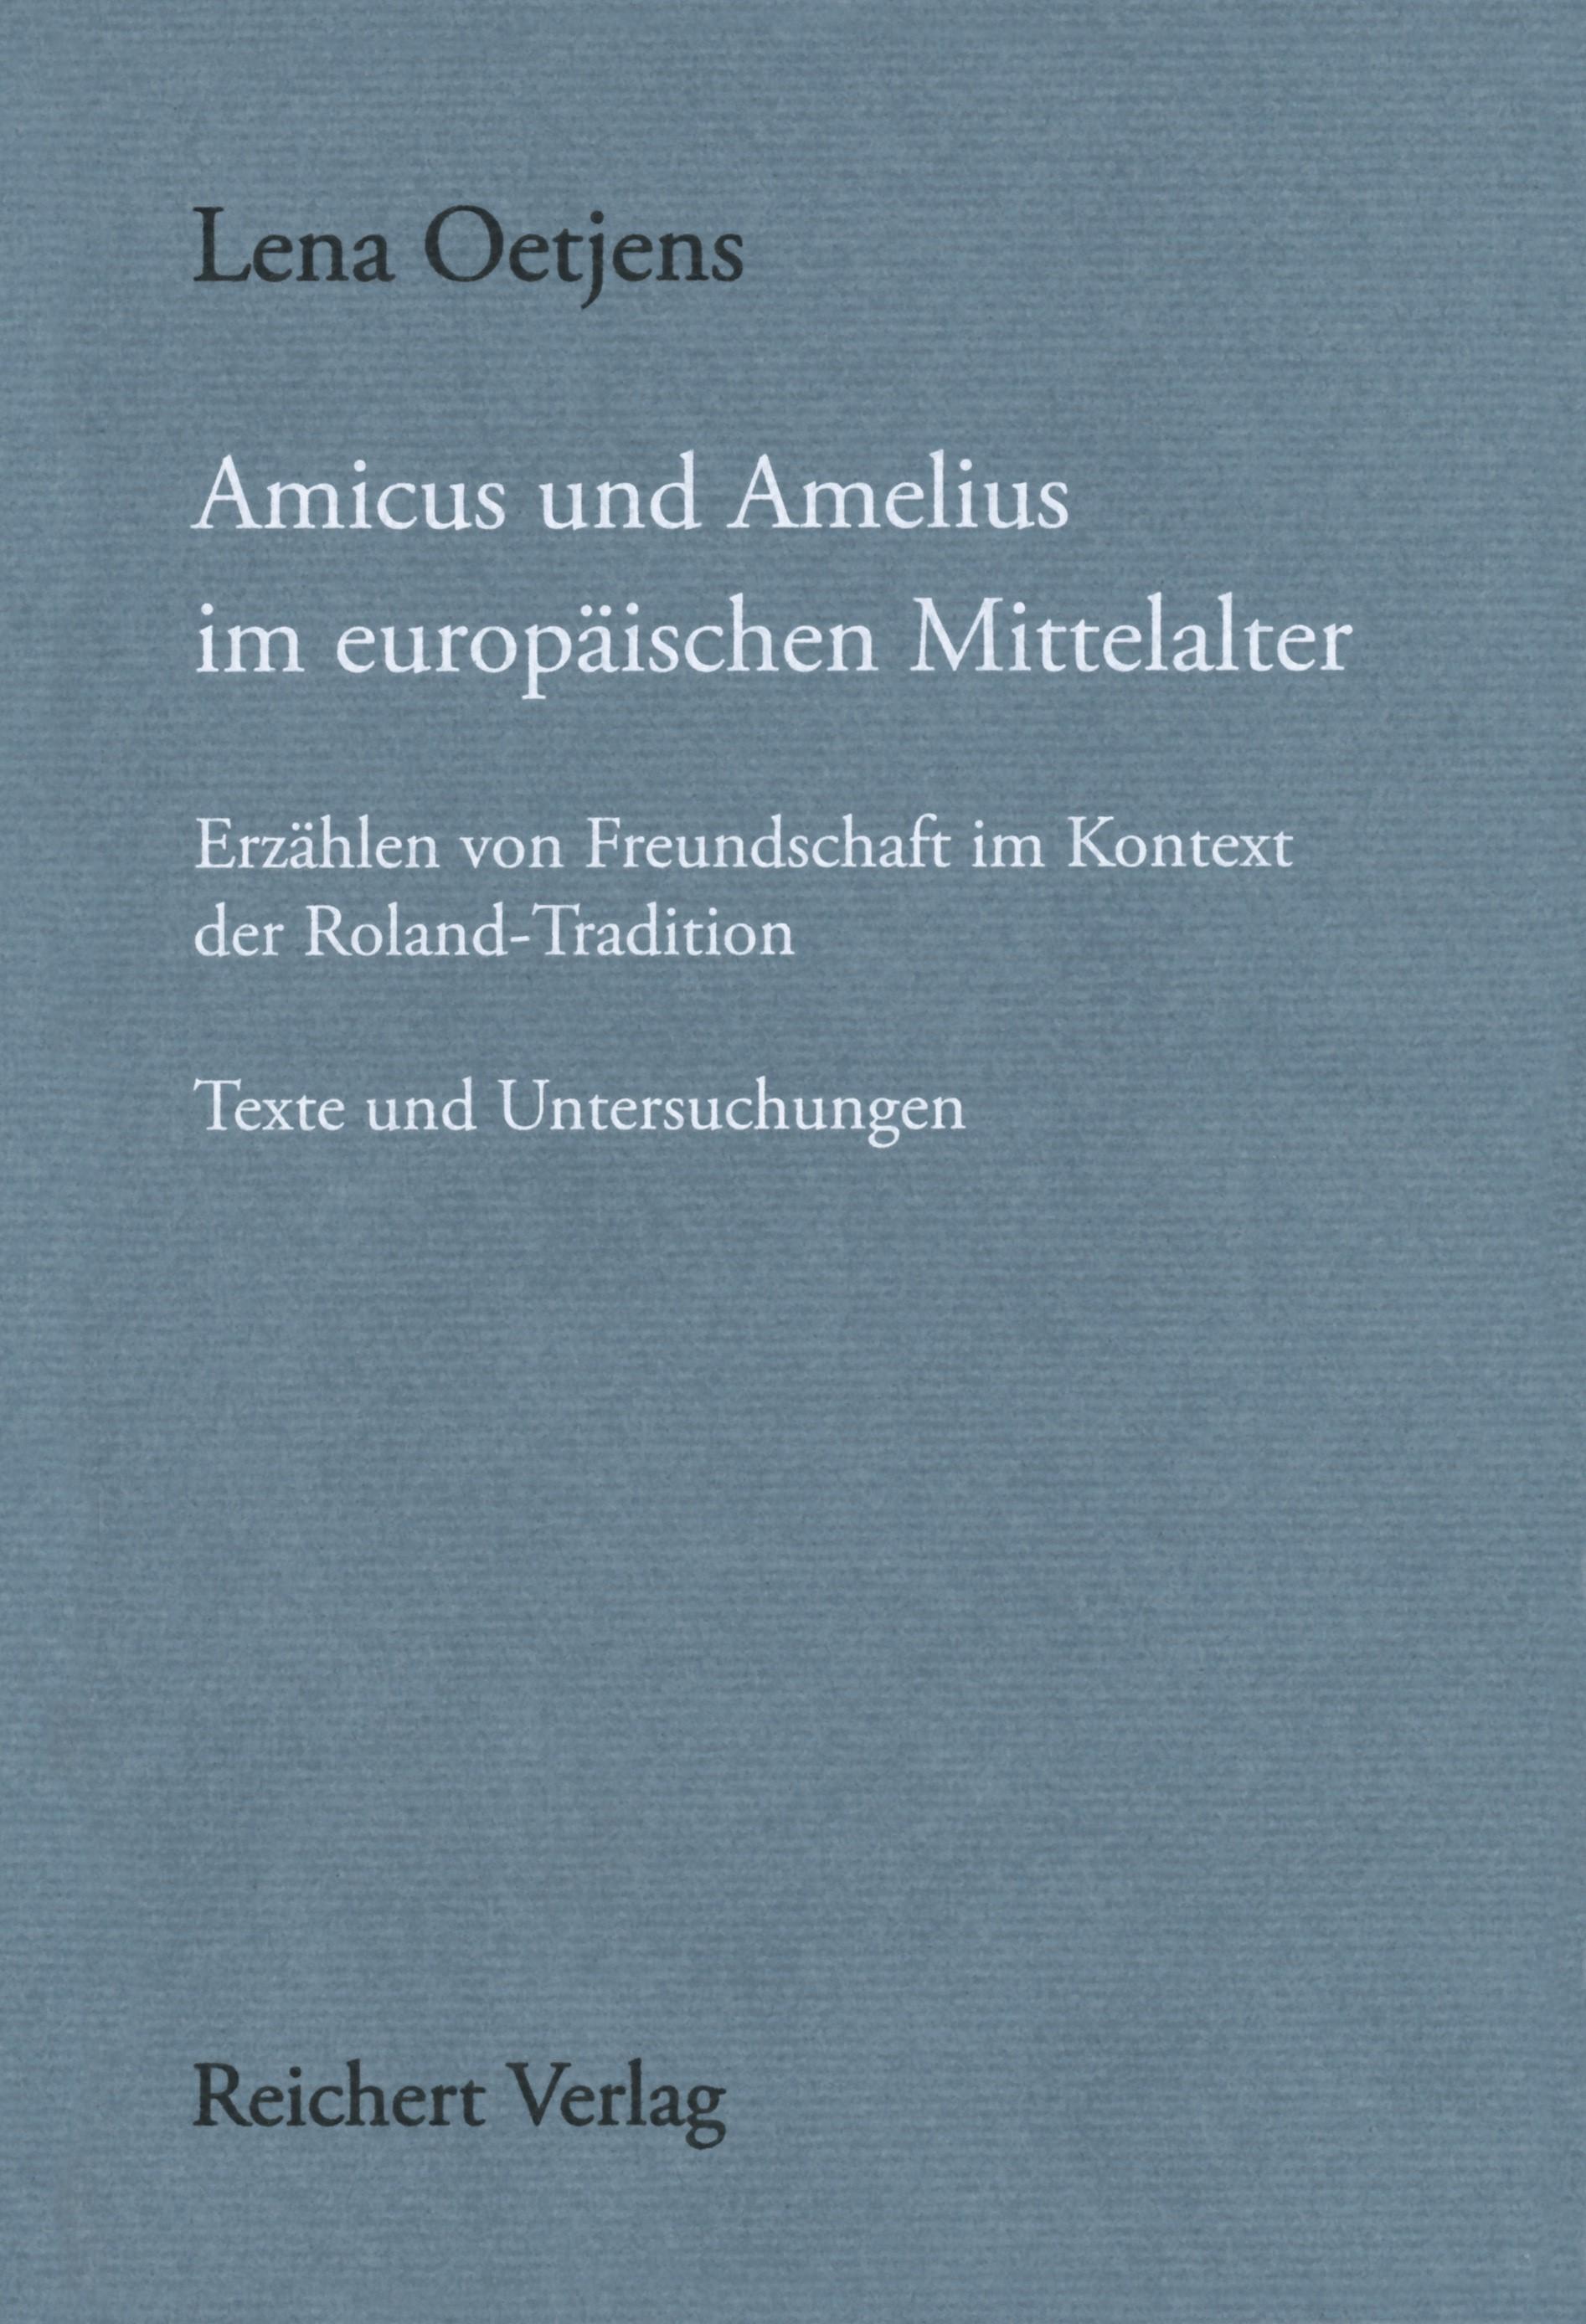 Amicus und Amelius im europäischen Mittelalter | Oetjens, 2016 | Buch (Cover)